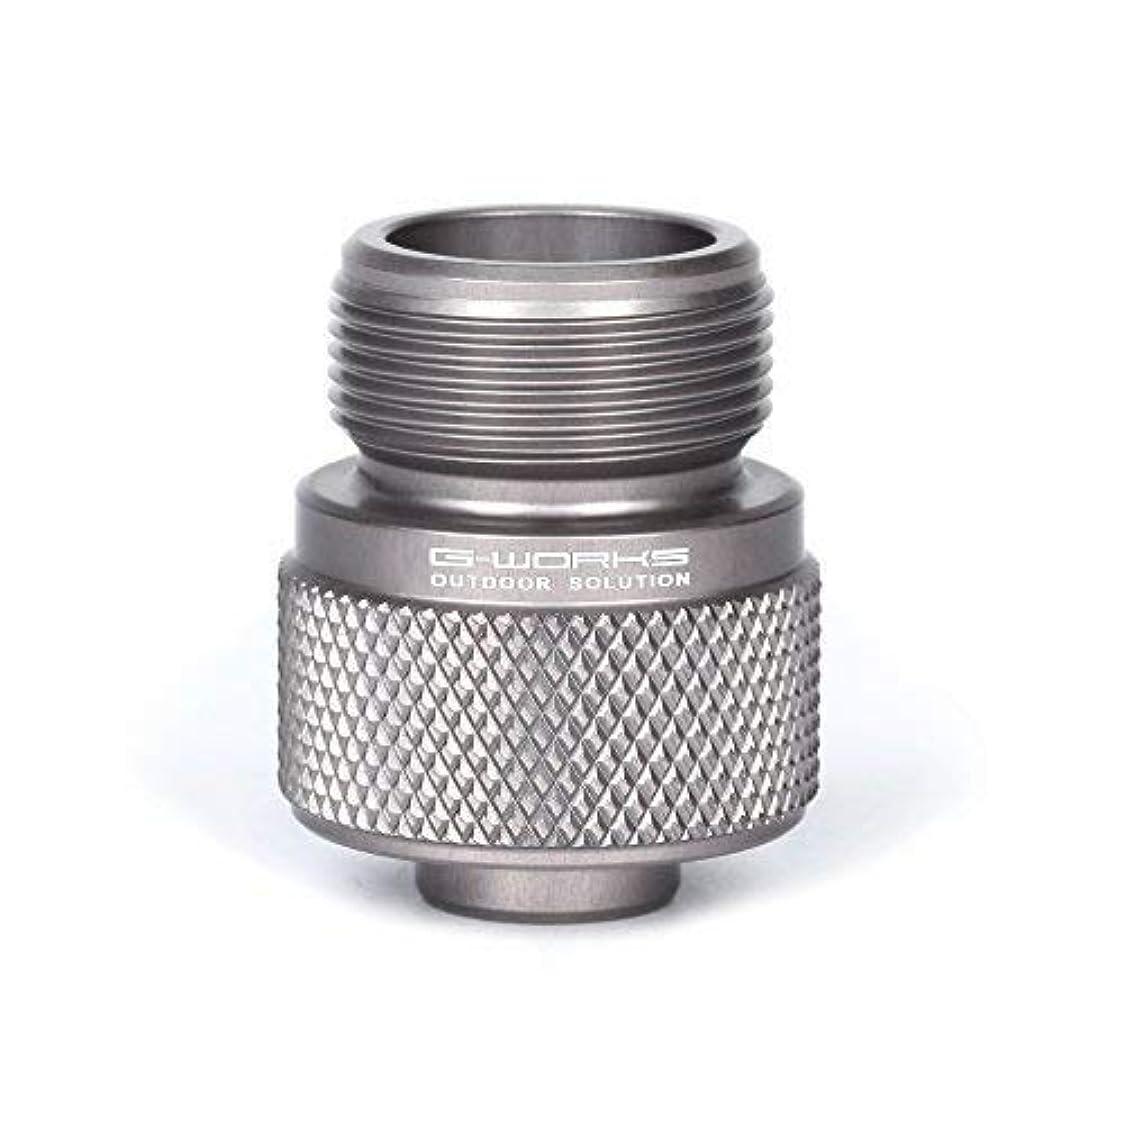 ほこり海嶺クルーズGas Adapter Converts/Use a Lindal Valve Canister Gas for Propane Gas Device. [並行輸入品]